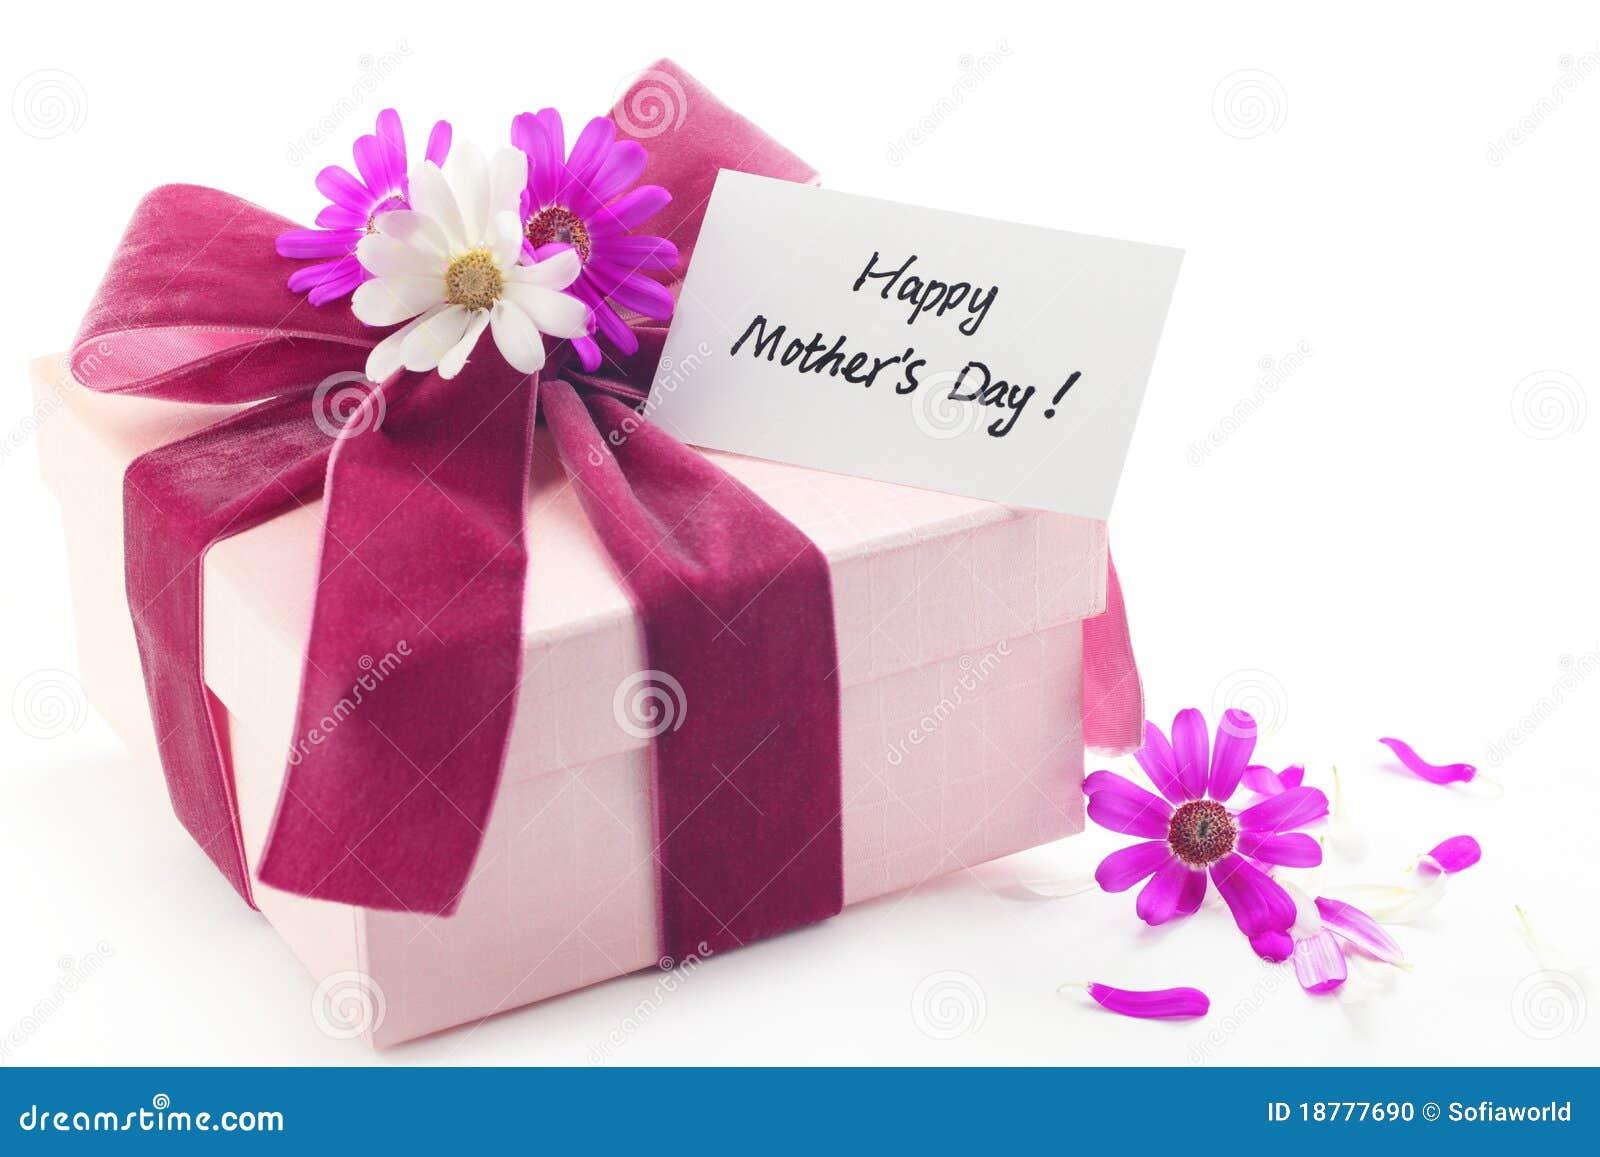 Подарки на юбилей матери